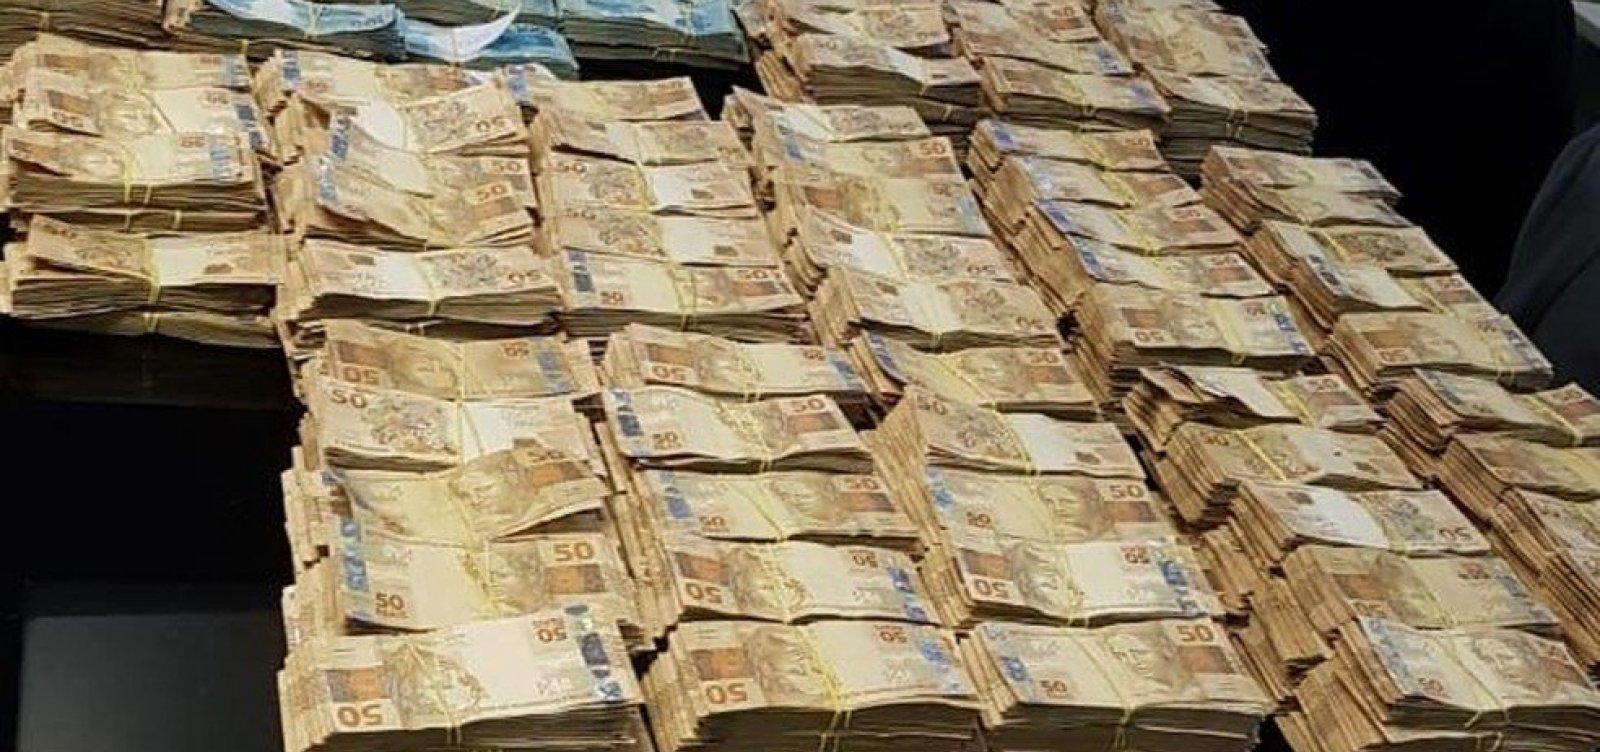 Cerca de R$ 30 milhões são encontrados na casa de ex-secretário de Saúde do Rio